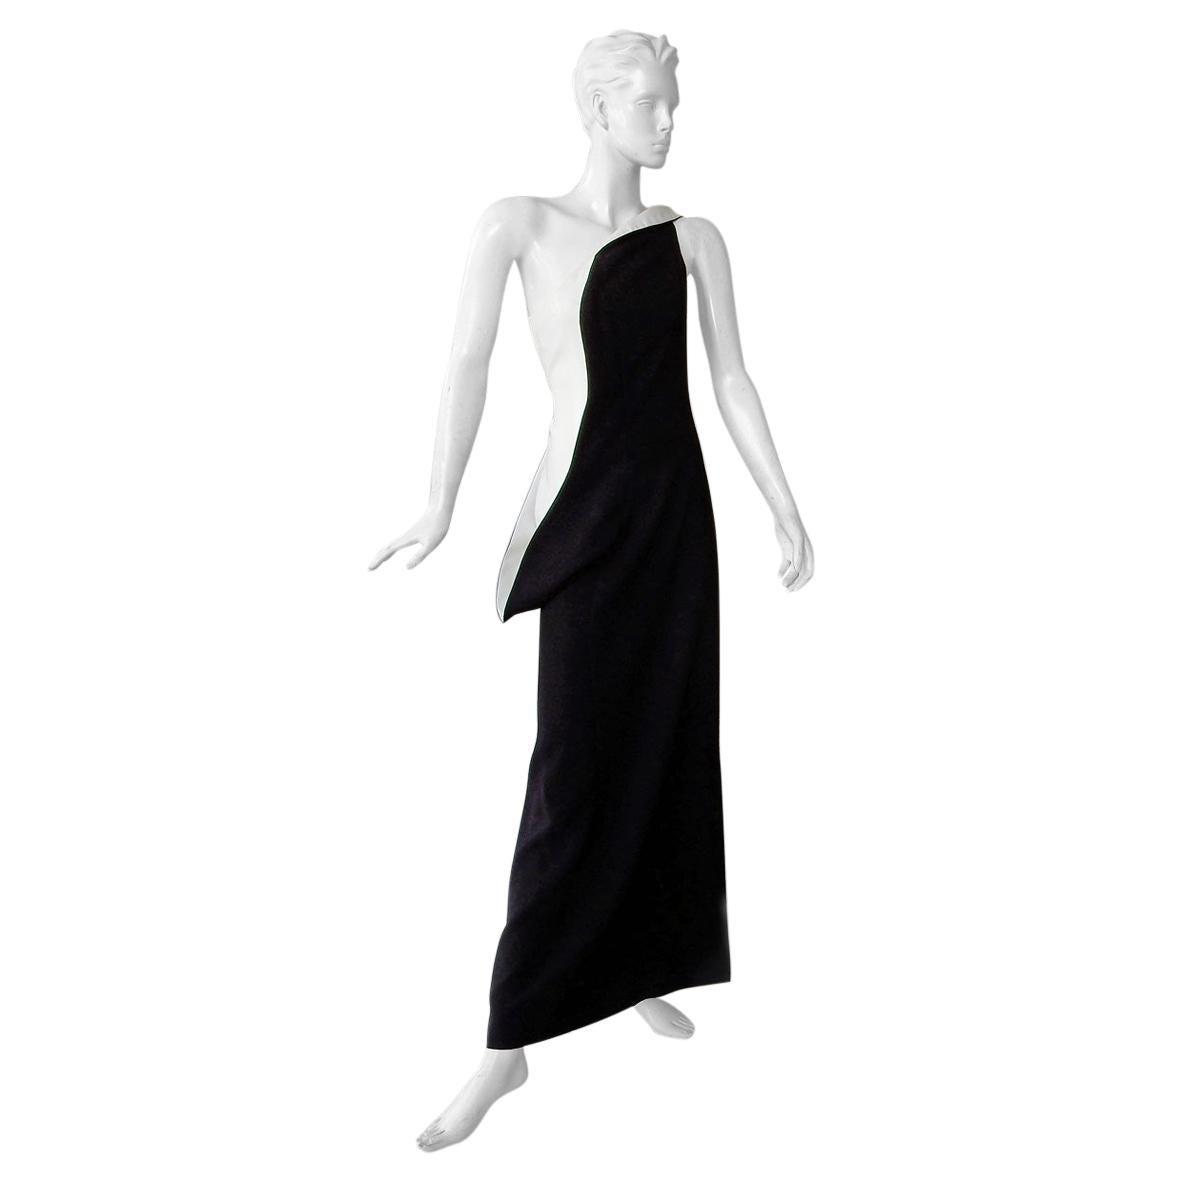 Jil Sander Runway J-Lo One Shoulder Sculptured Showstopper Dress Gown